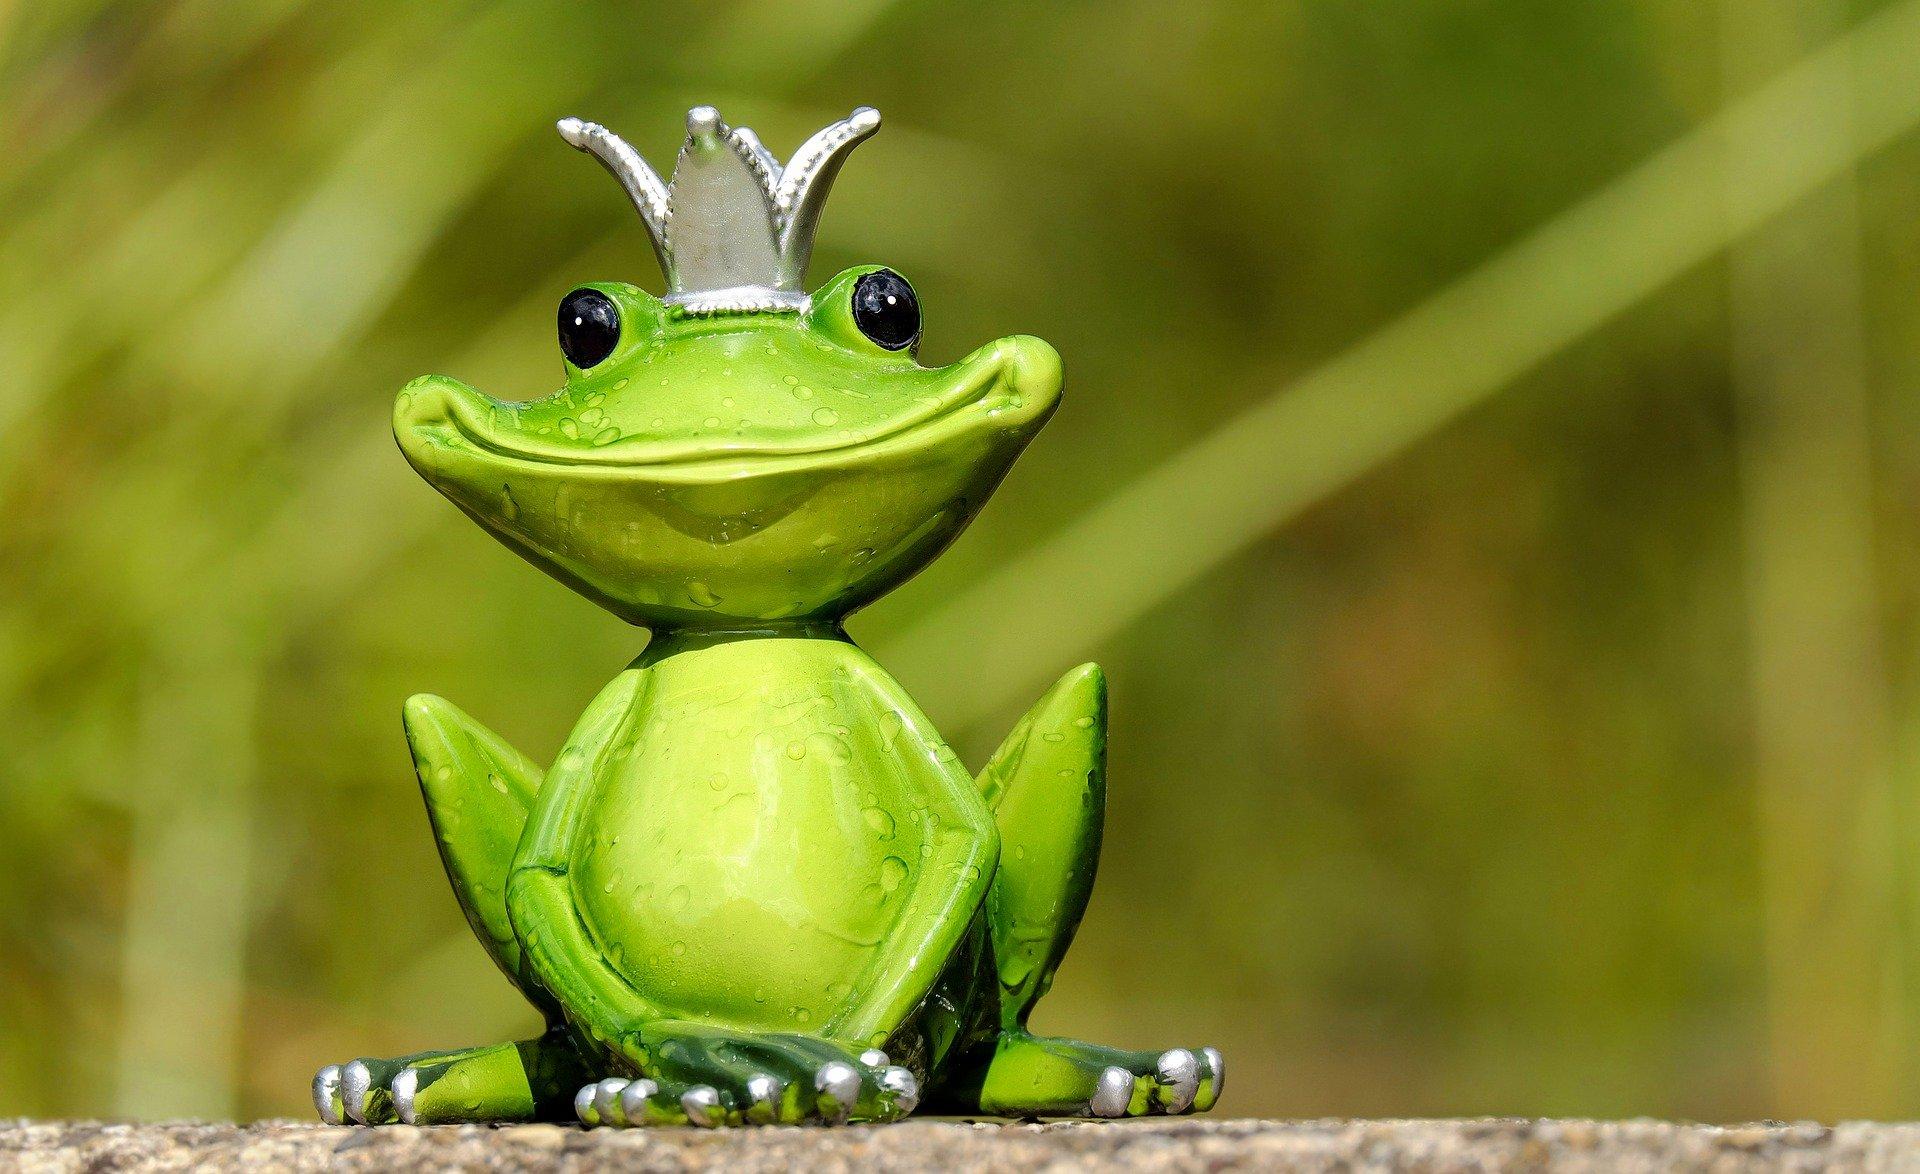 Froschfigur - frog figure